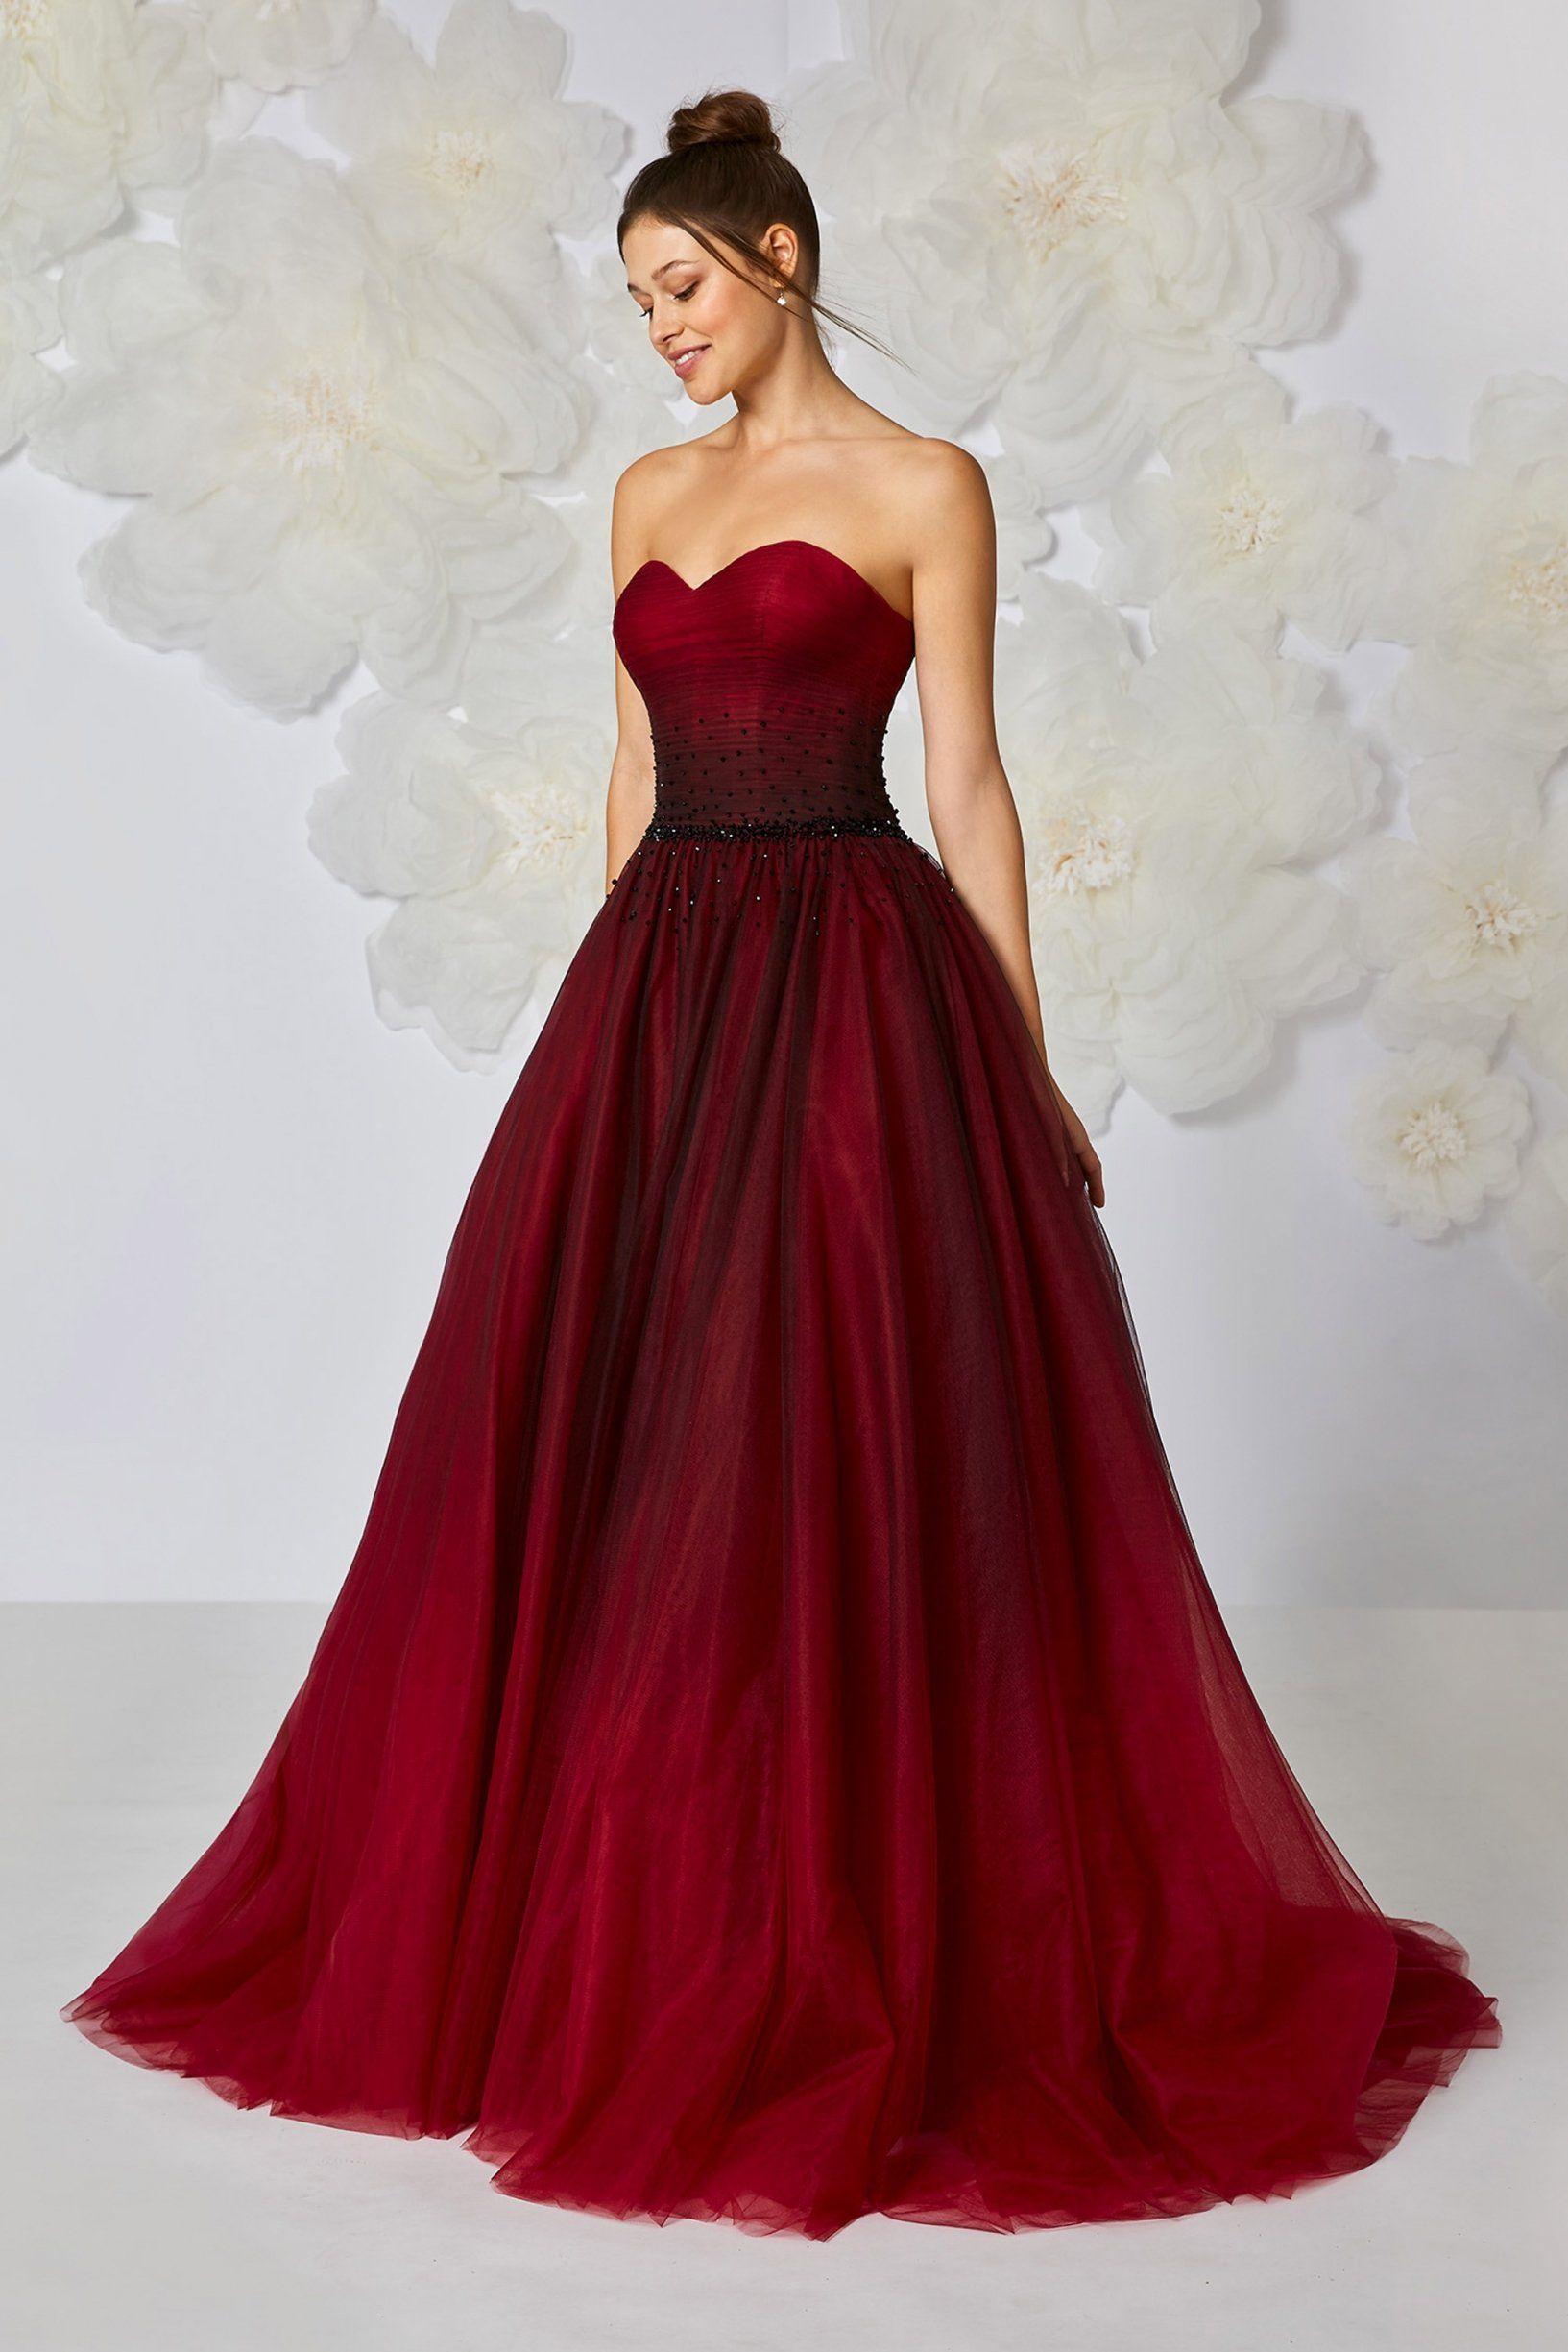 20 robes de mariée couleur qui nous font